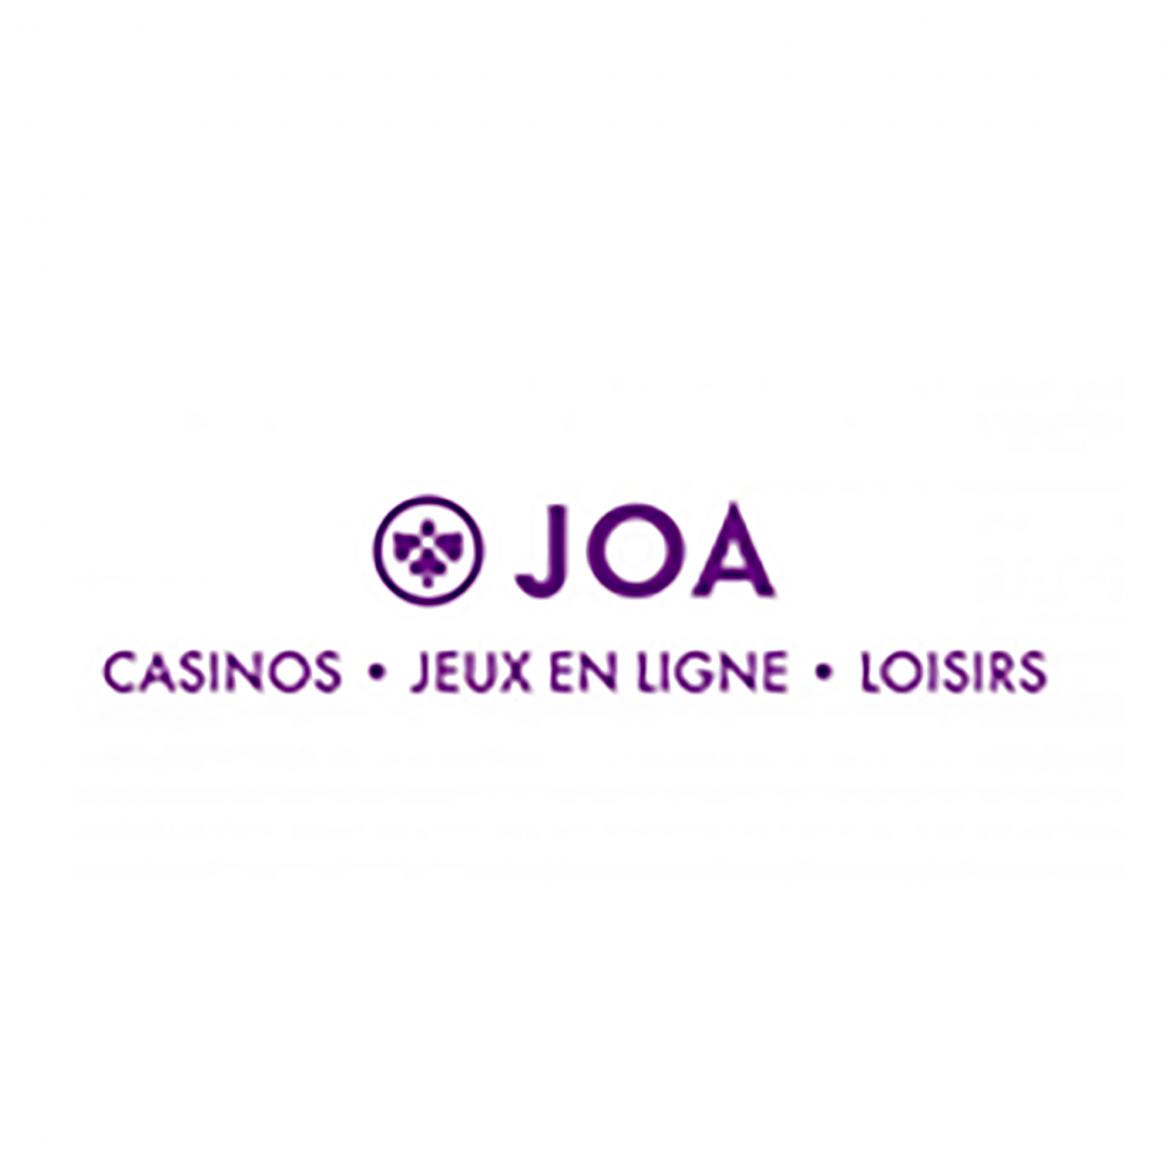 Angèle Von kiss - Mes clients - Casinos JOA